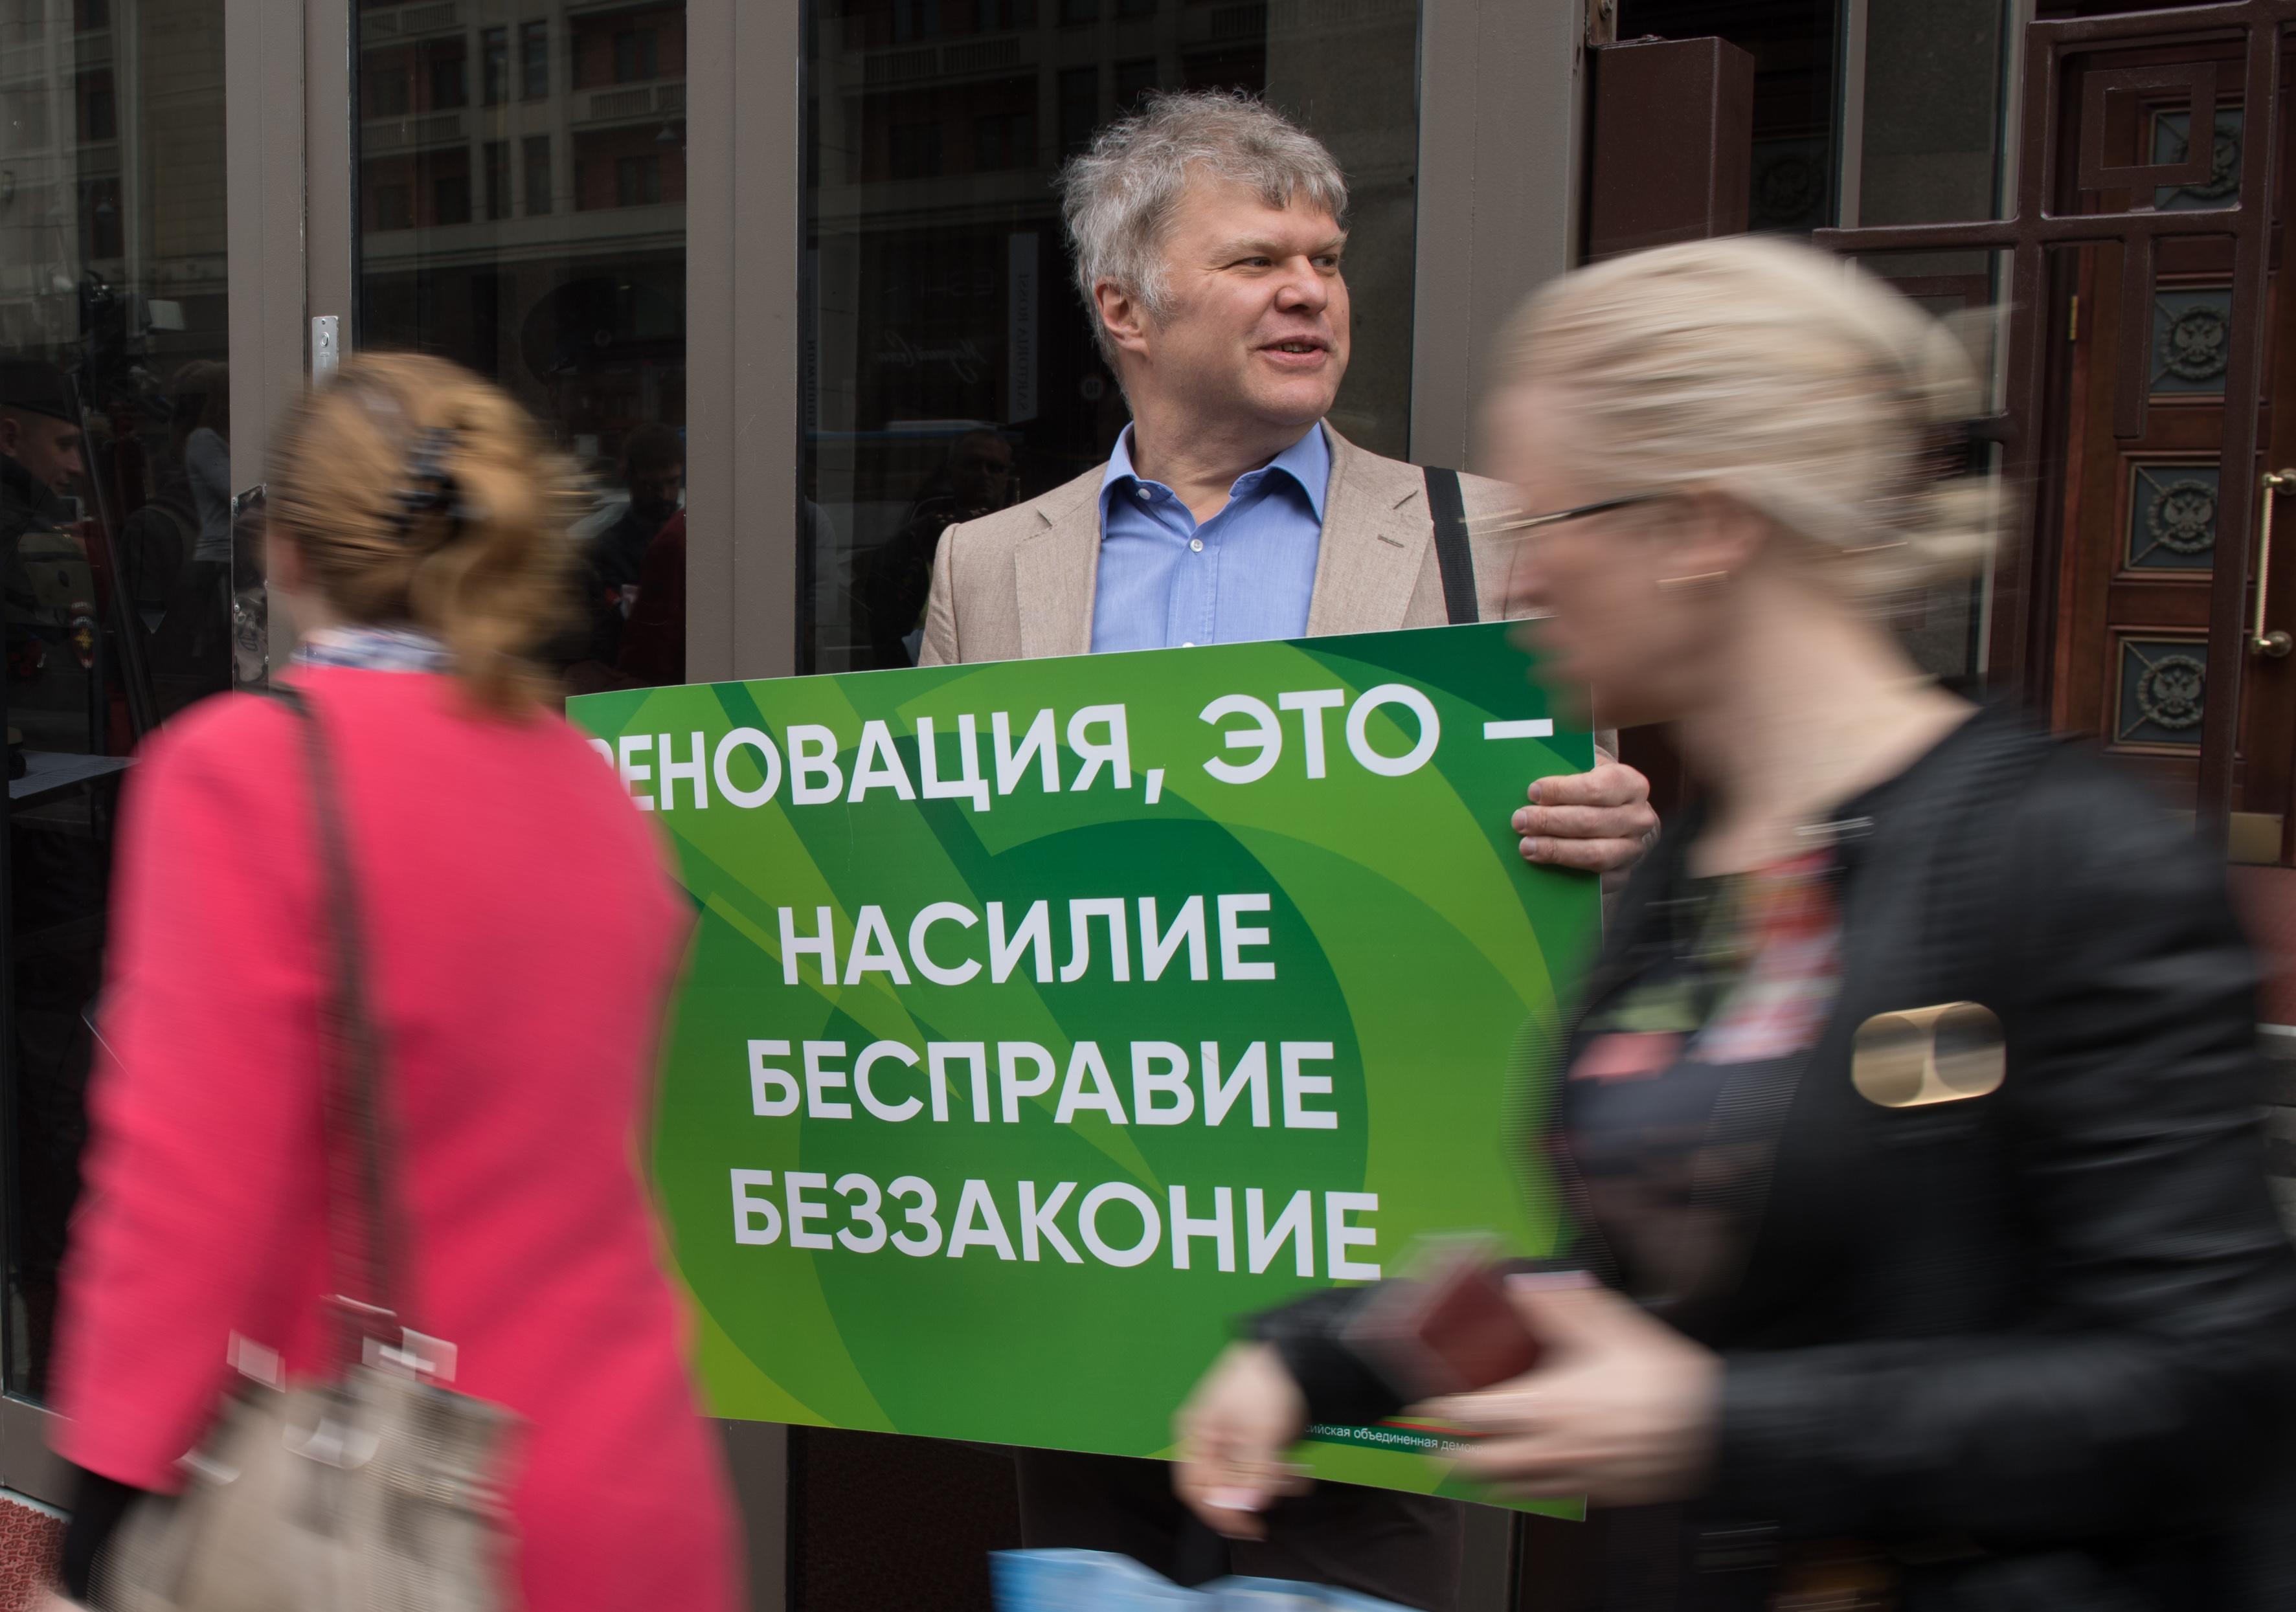 Противники реновации провели очередной пикет у здания Госдумы